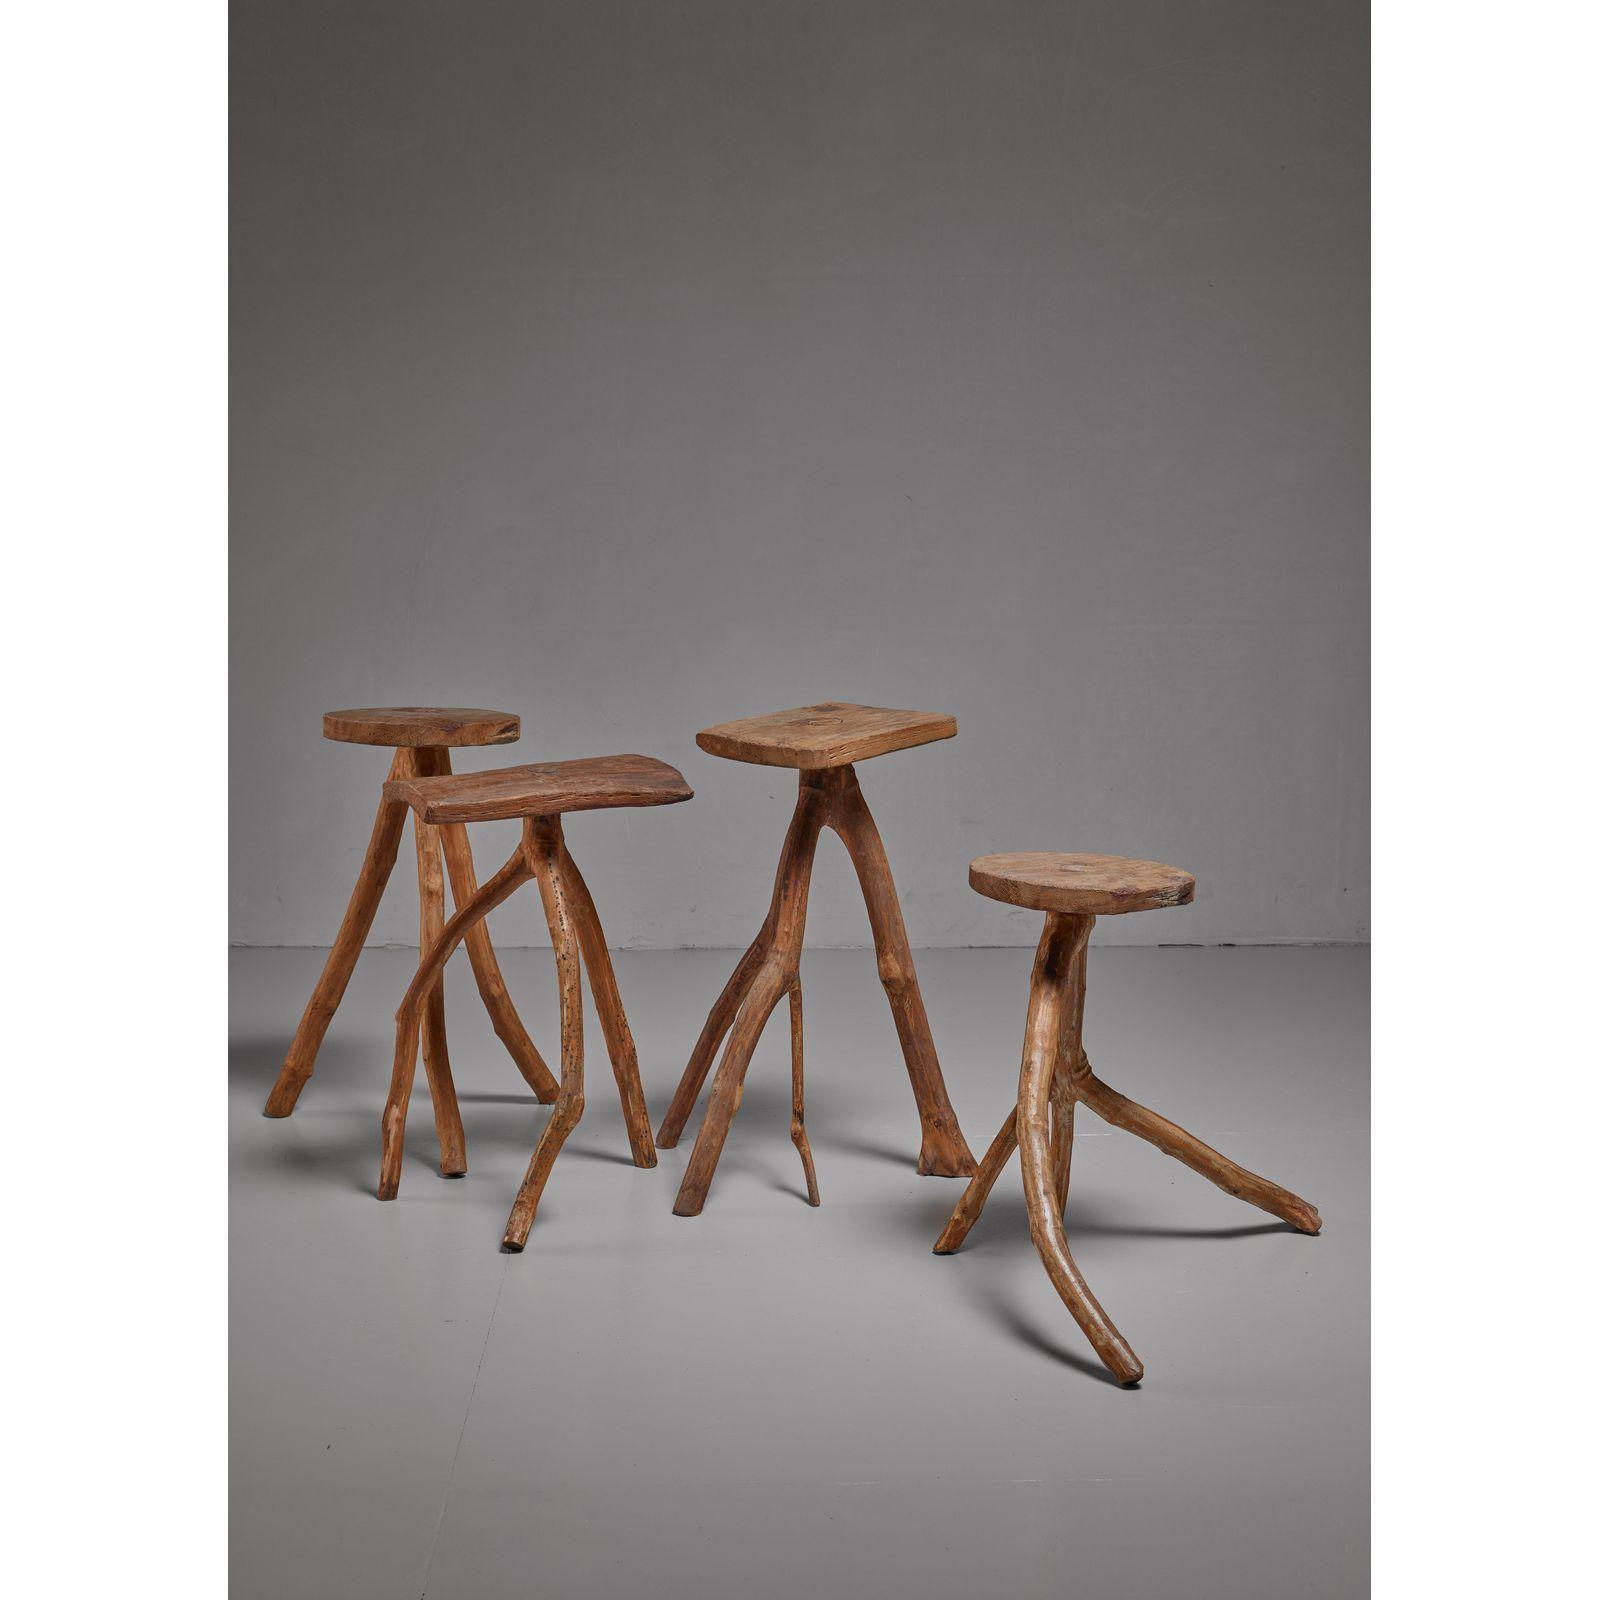 Peachy Fernando Da Ilha Do Ferro Craft Stool Brazil In 2019 Pabps2019 Chair Design Images Pabps2019Com